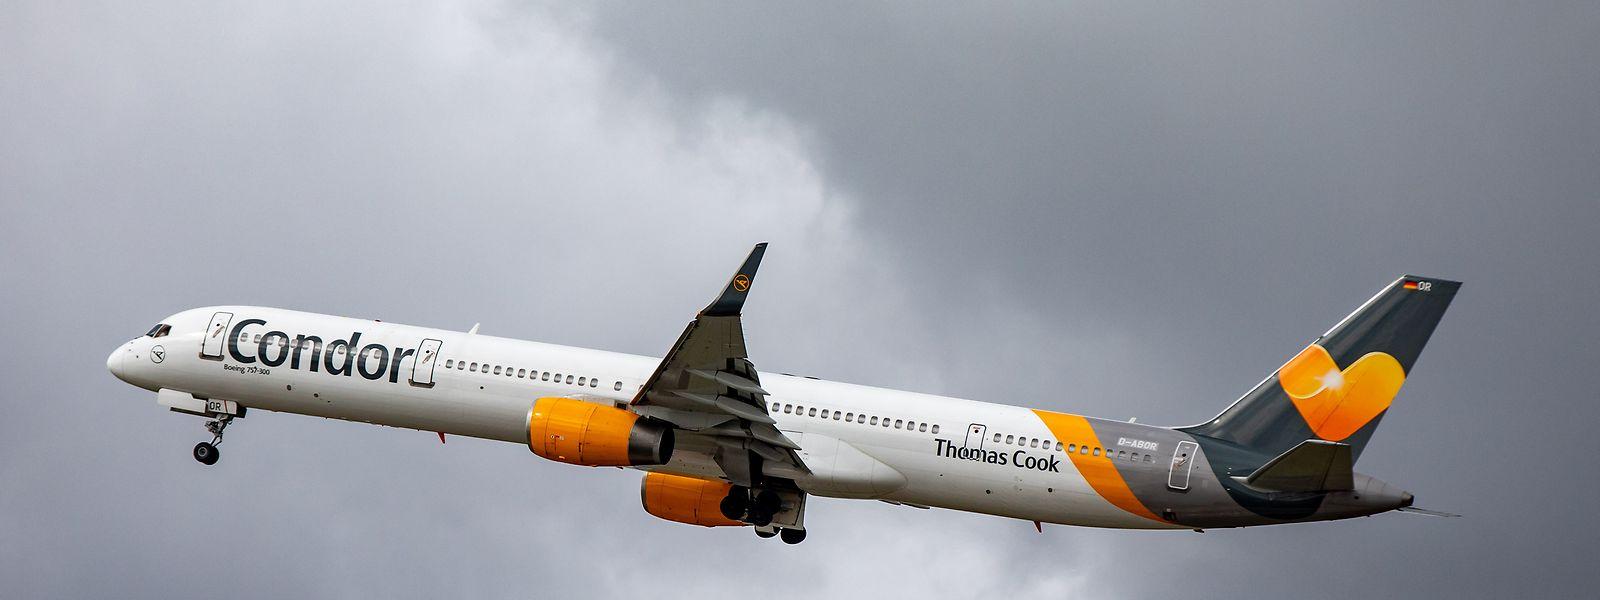 Eine Maschine der Fluggesellschaft Condor.